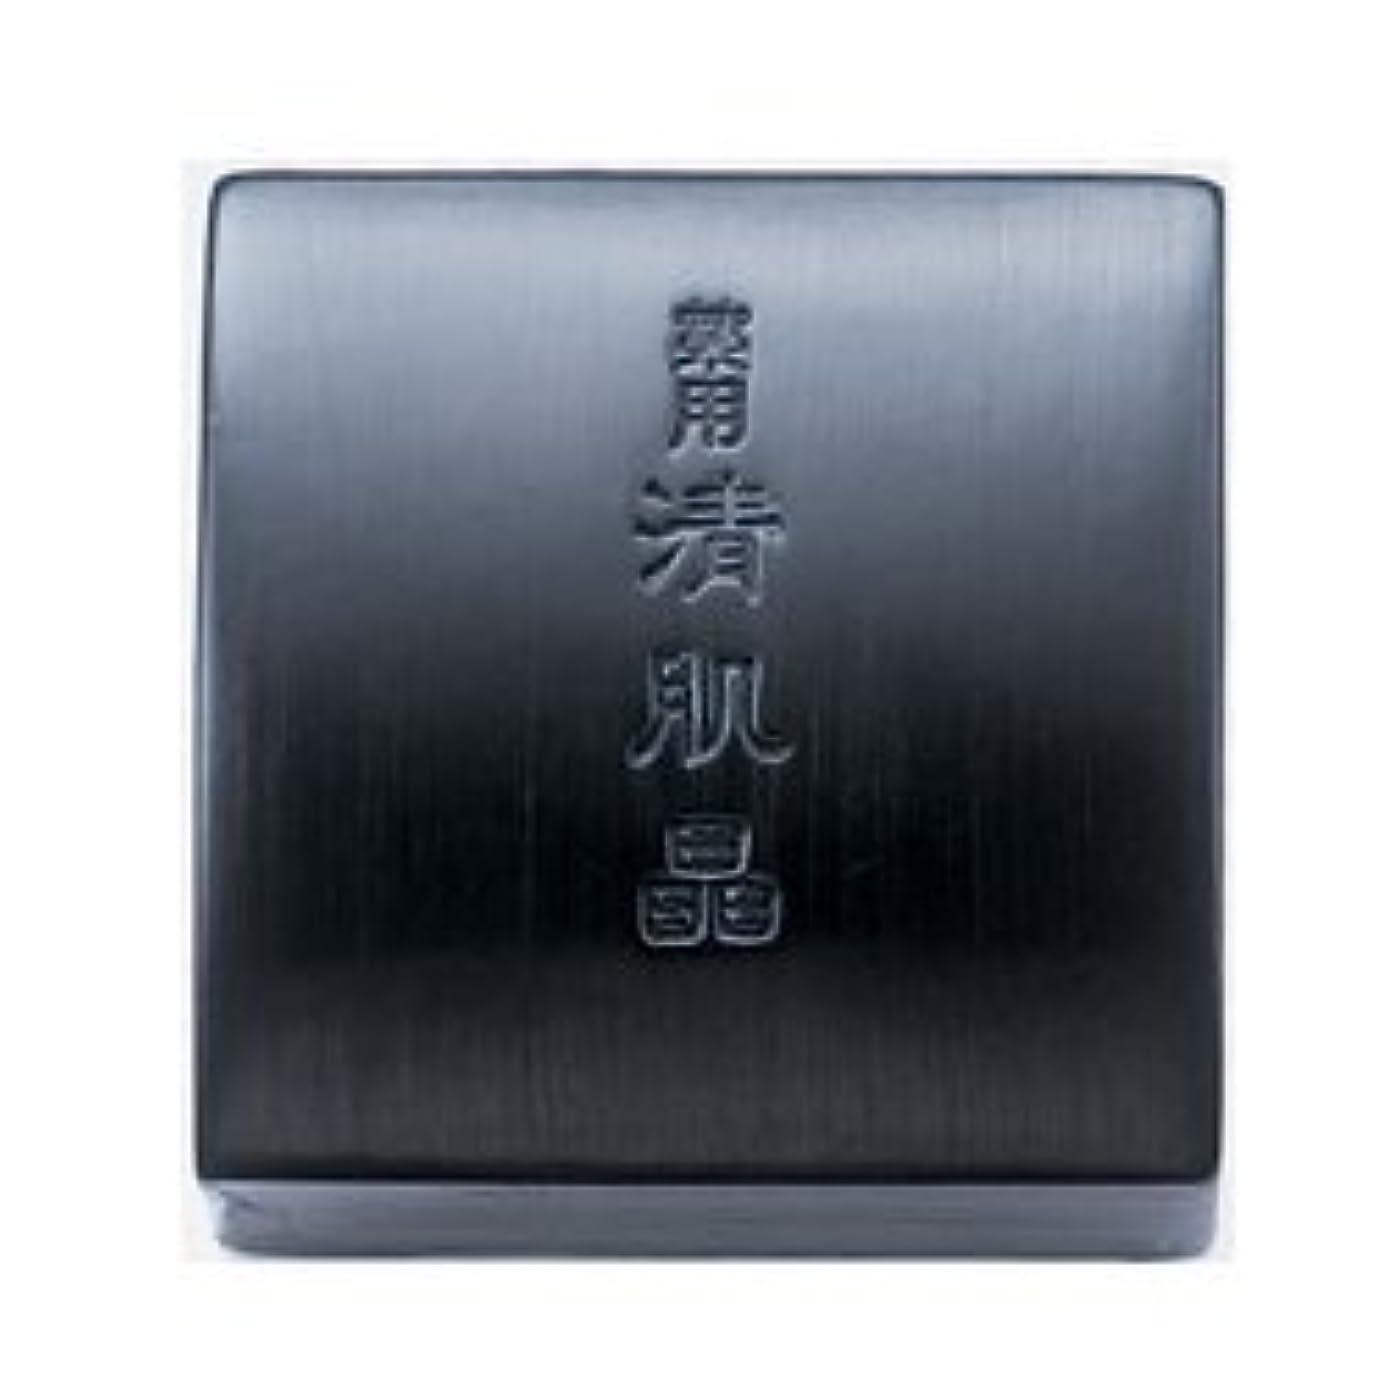 キャベツ成功する暖かさコーセー薬用 清肌晶120g(ケース付き)